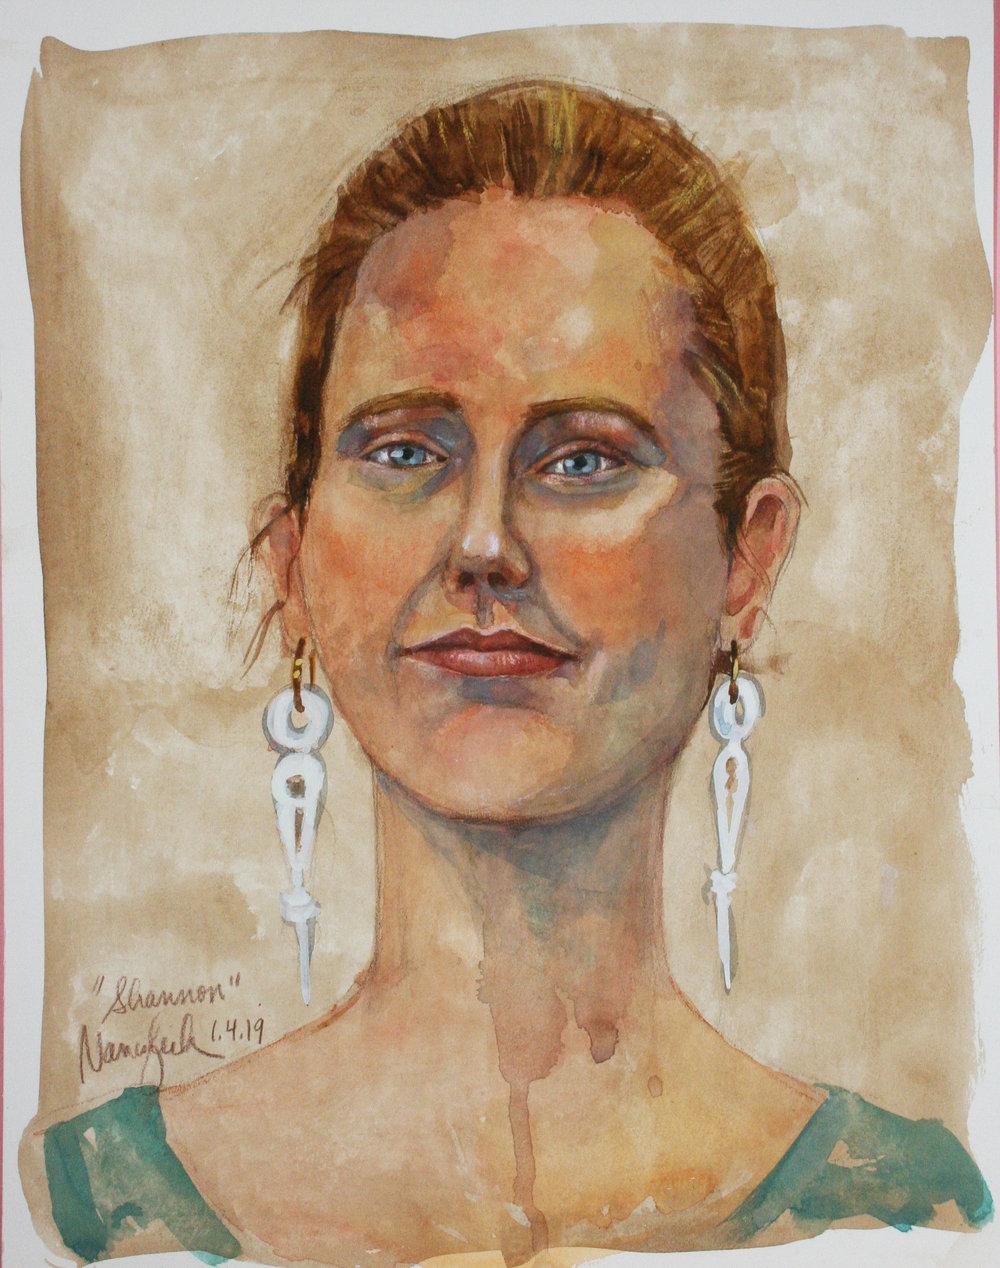 Nancy Lick did this mixed media drawing.